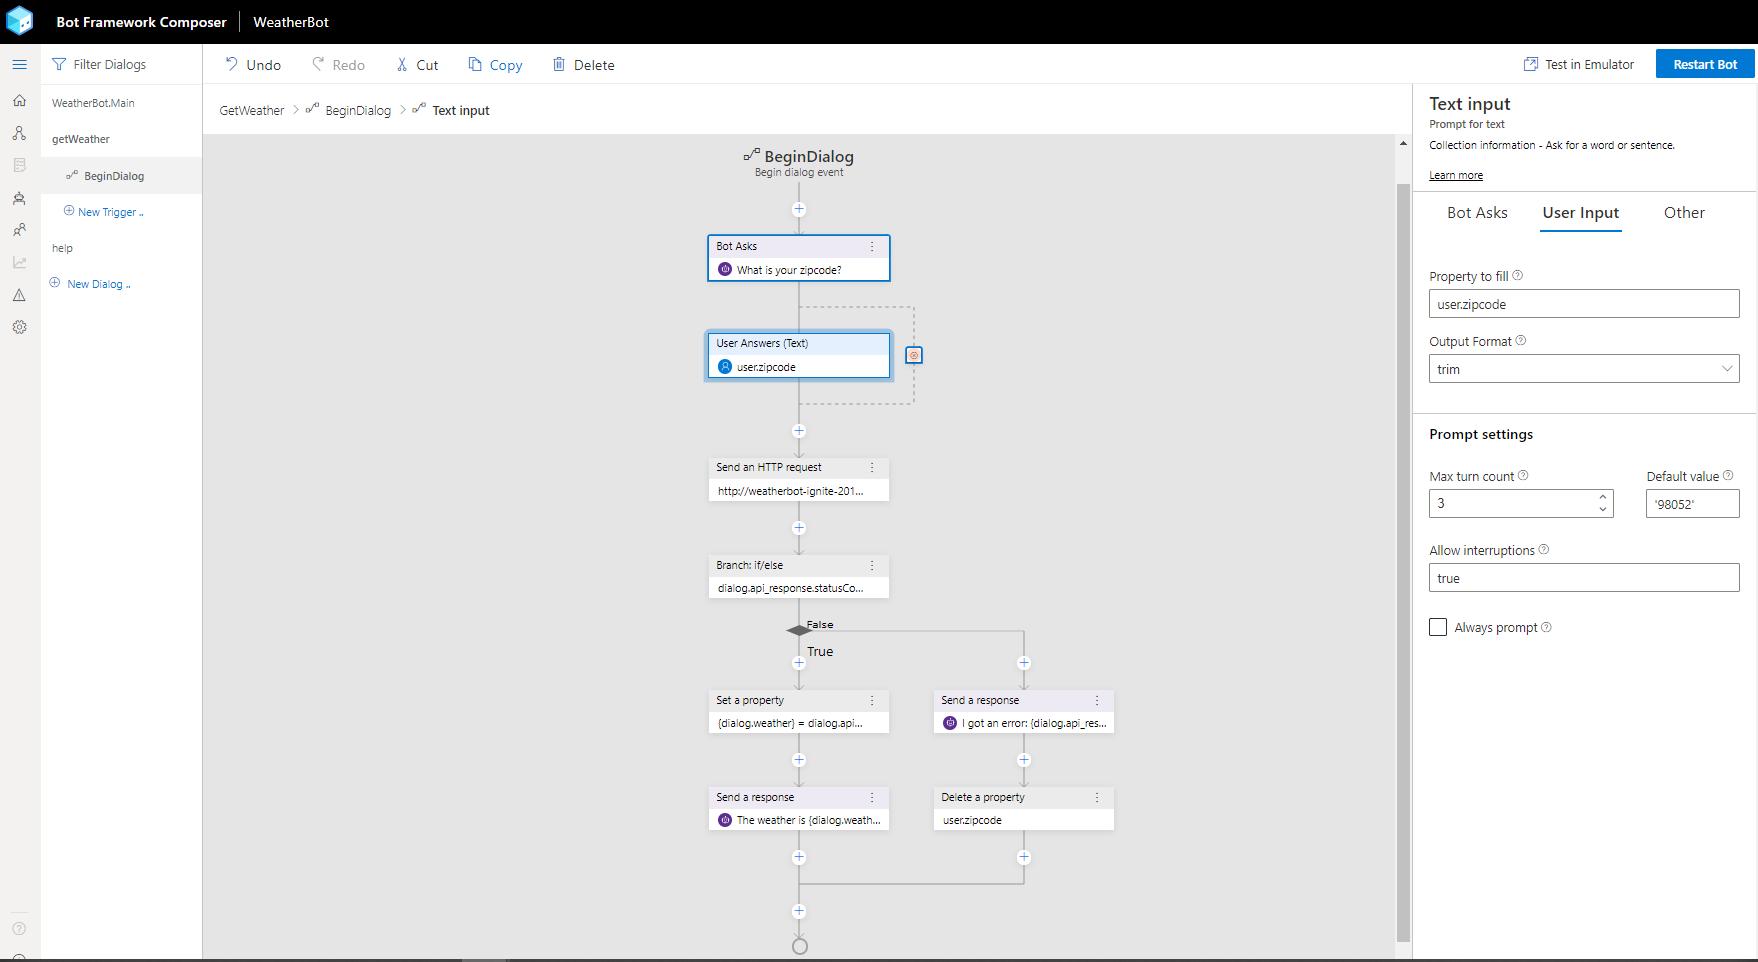 Bot Framework Composer Home Page